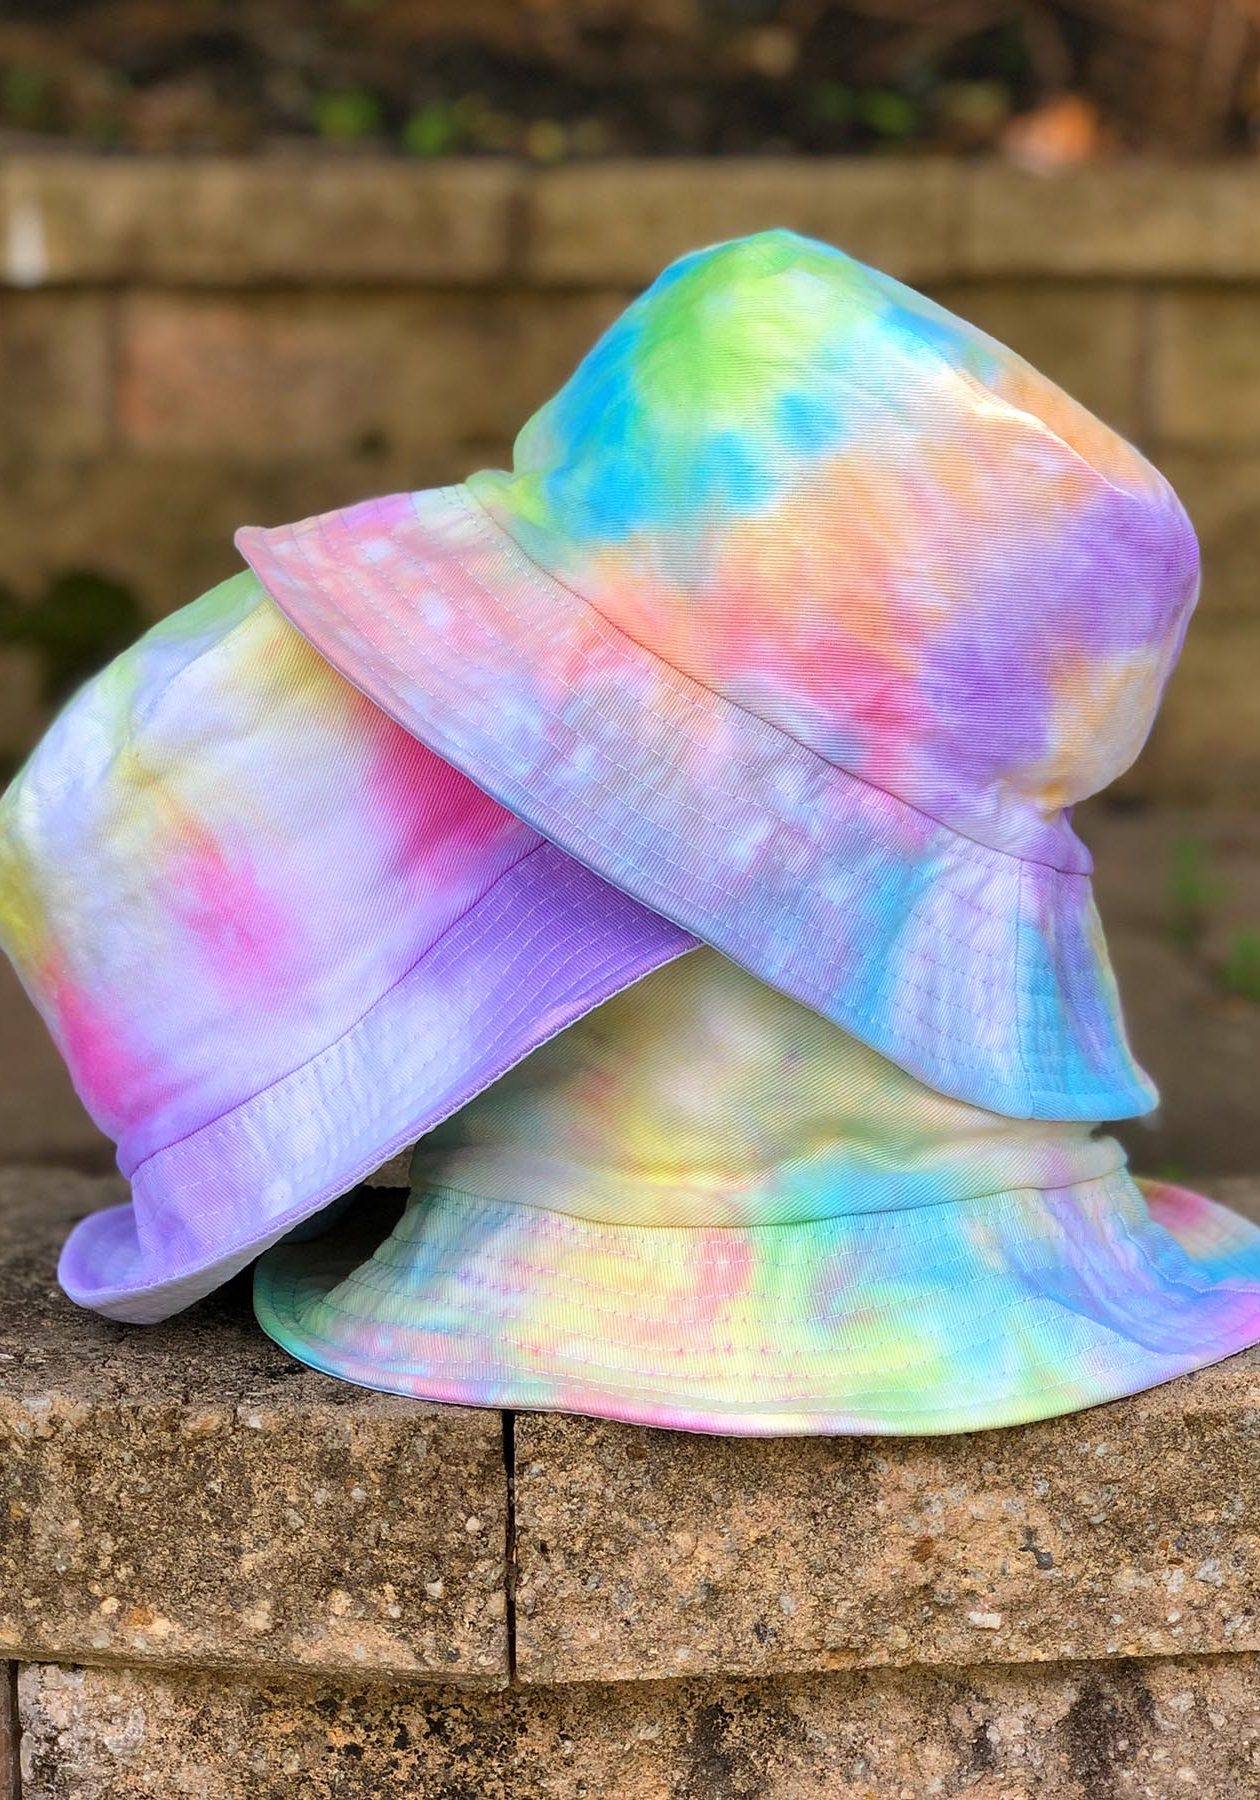 How to Tie Dye Bucket Hats - The Neon Tea Party